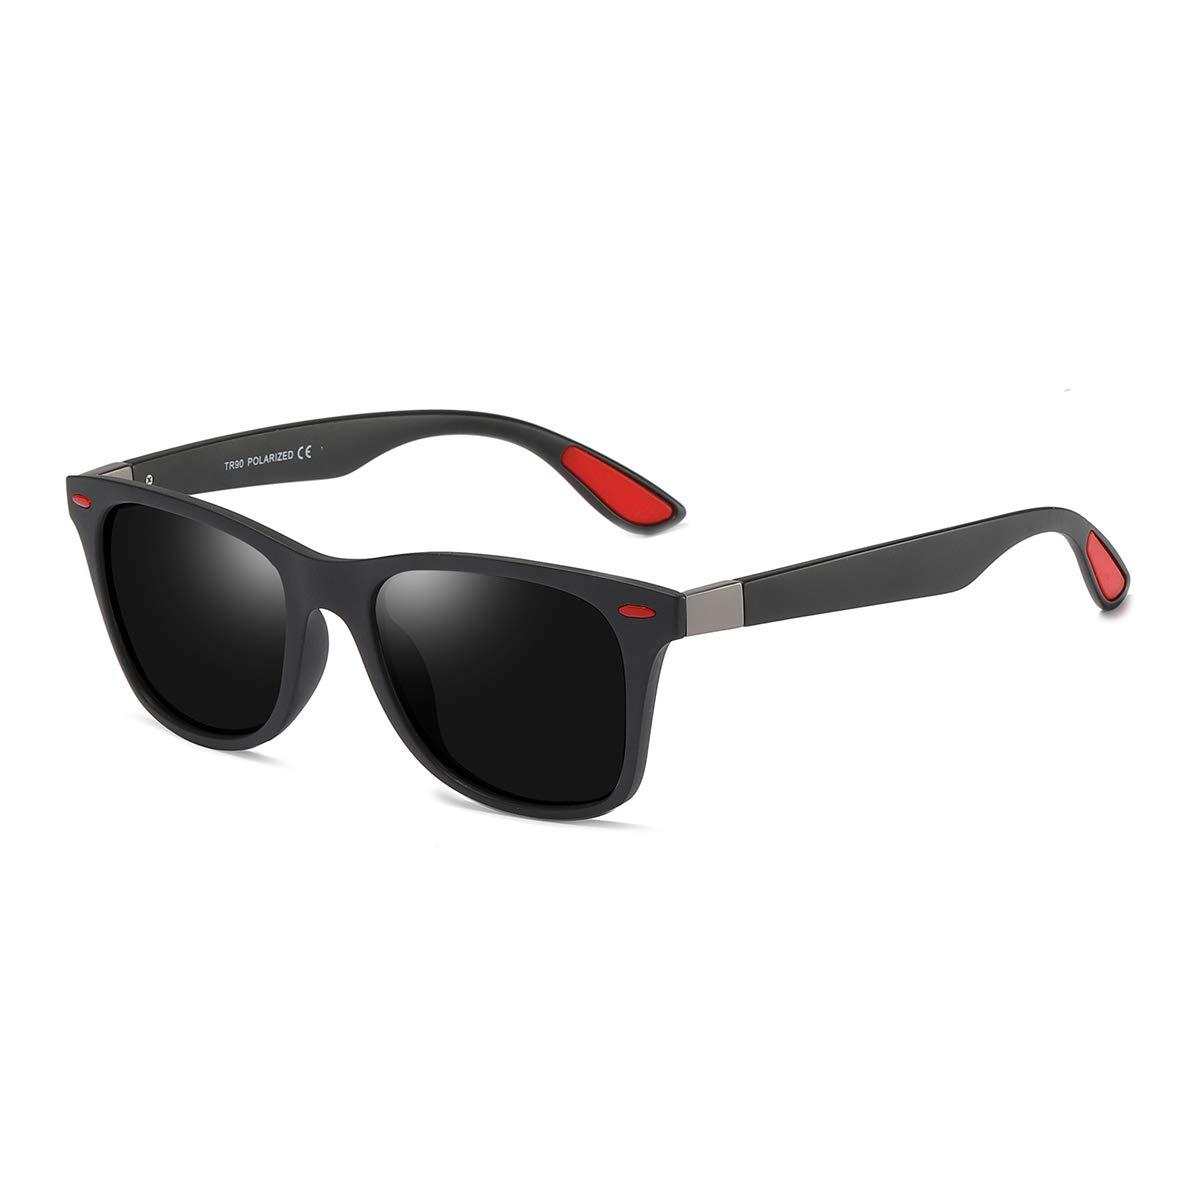 BLEVET Gafas de sol Polarizadas Clásico Retro Gafas para Hombre y Mujer BE007 (Black Frame Black Lens): Amazon.es: Ropa y accesorios